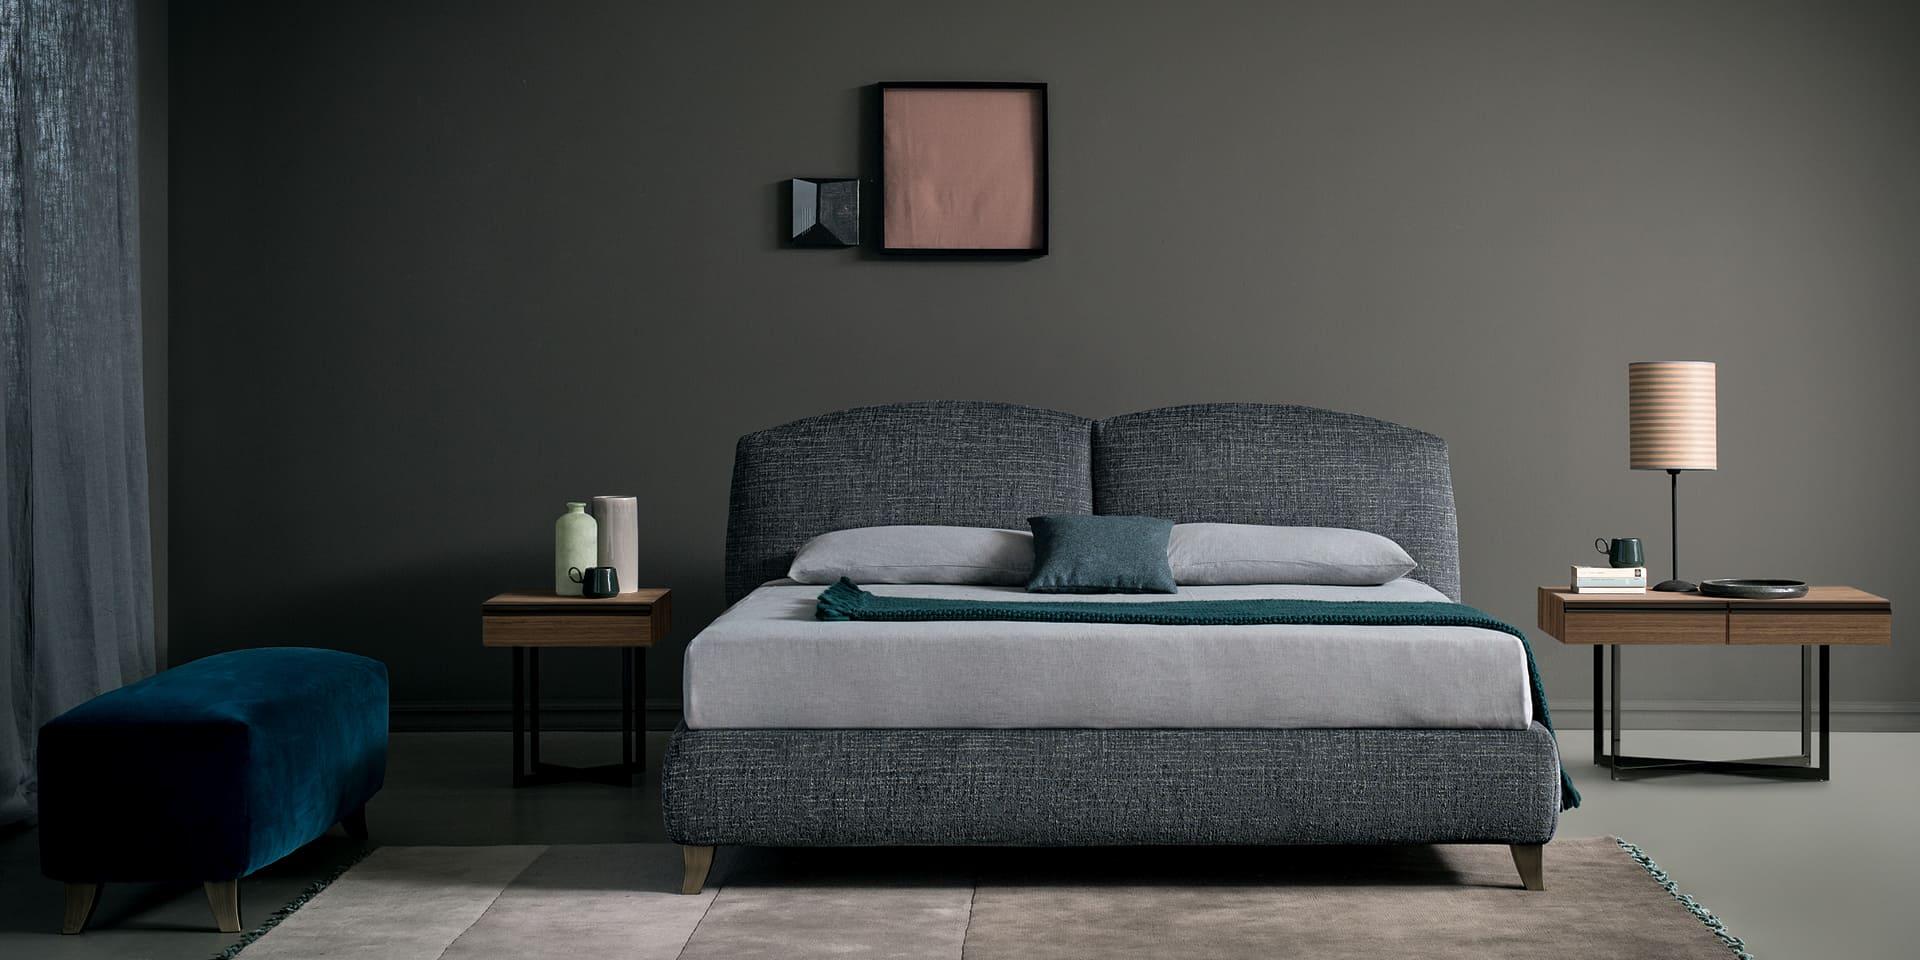 Bodema (RU) Кровать Tokyo от итальянского производителя Bodema